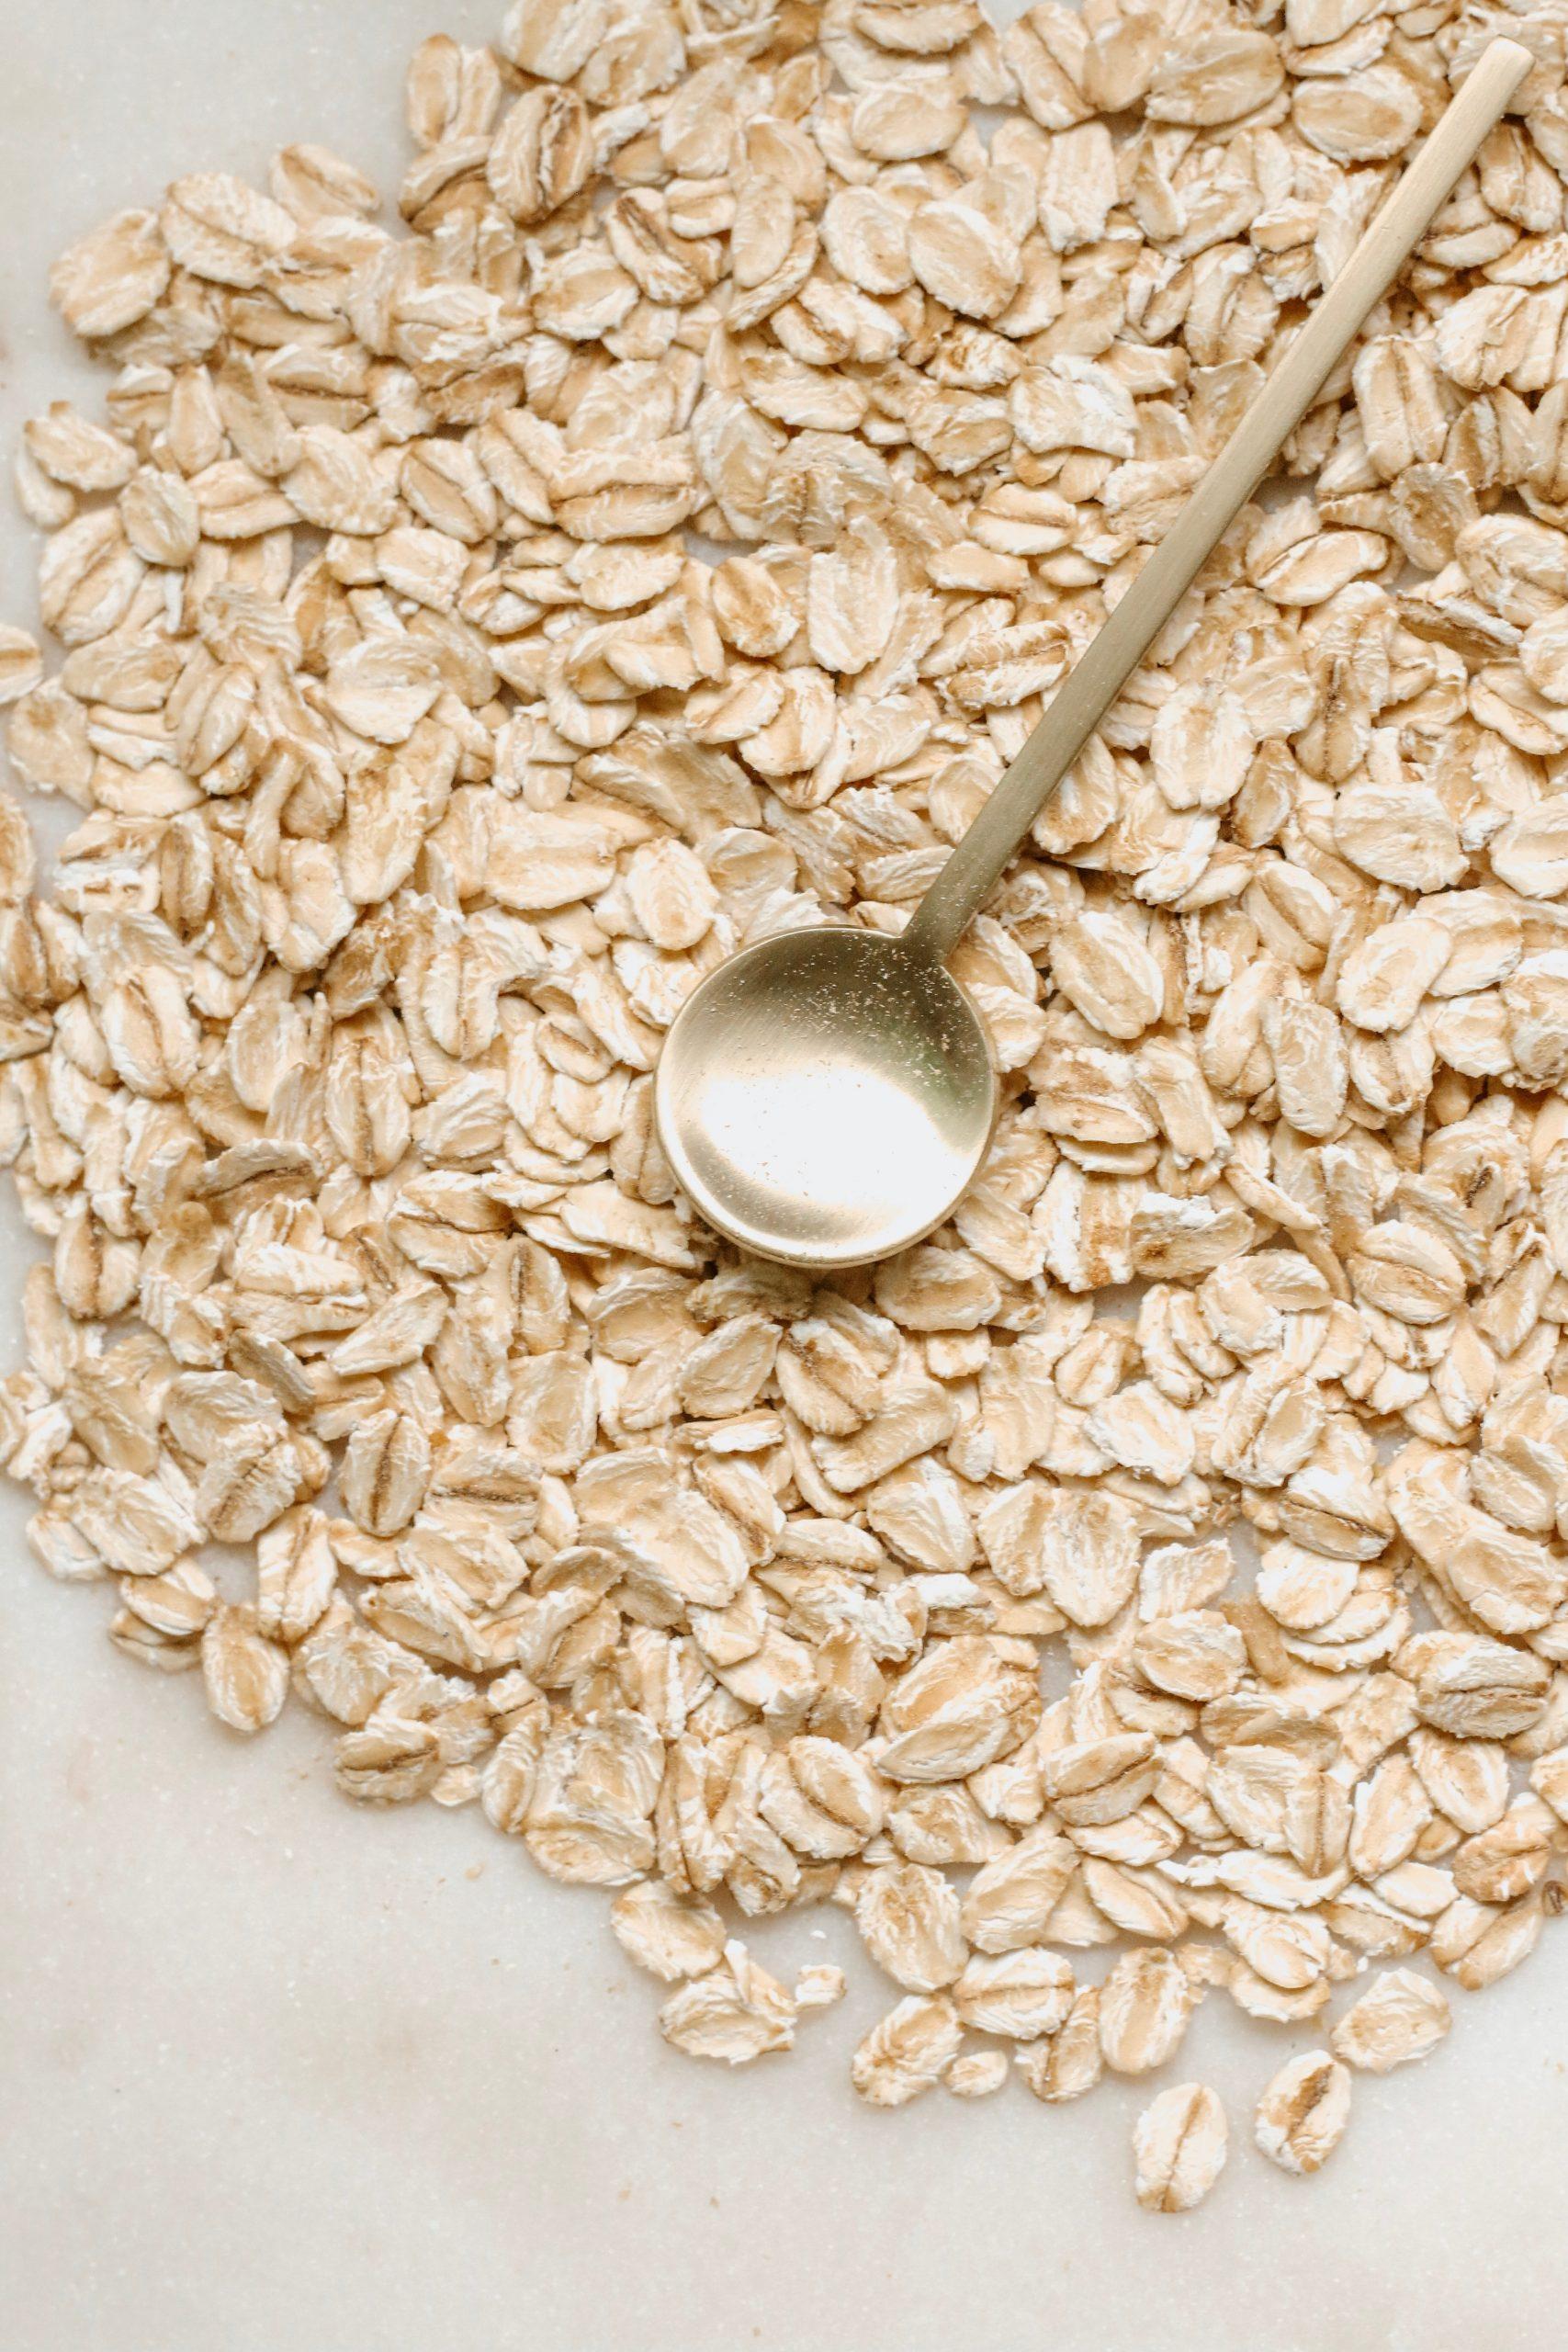 吃麥片當早餐,真的有比較營養健康嗎?